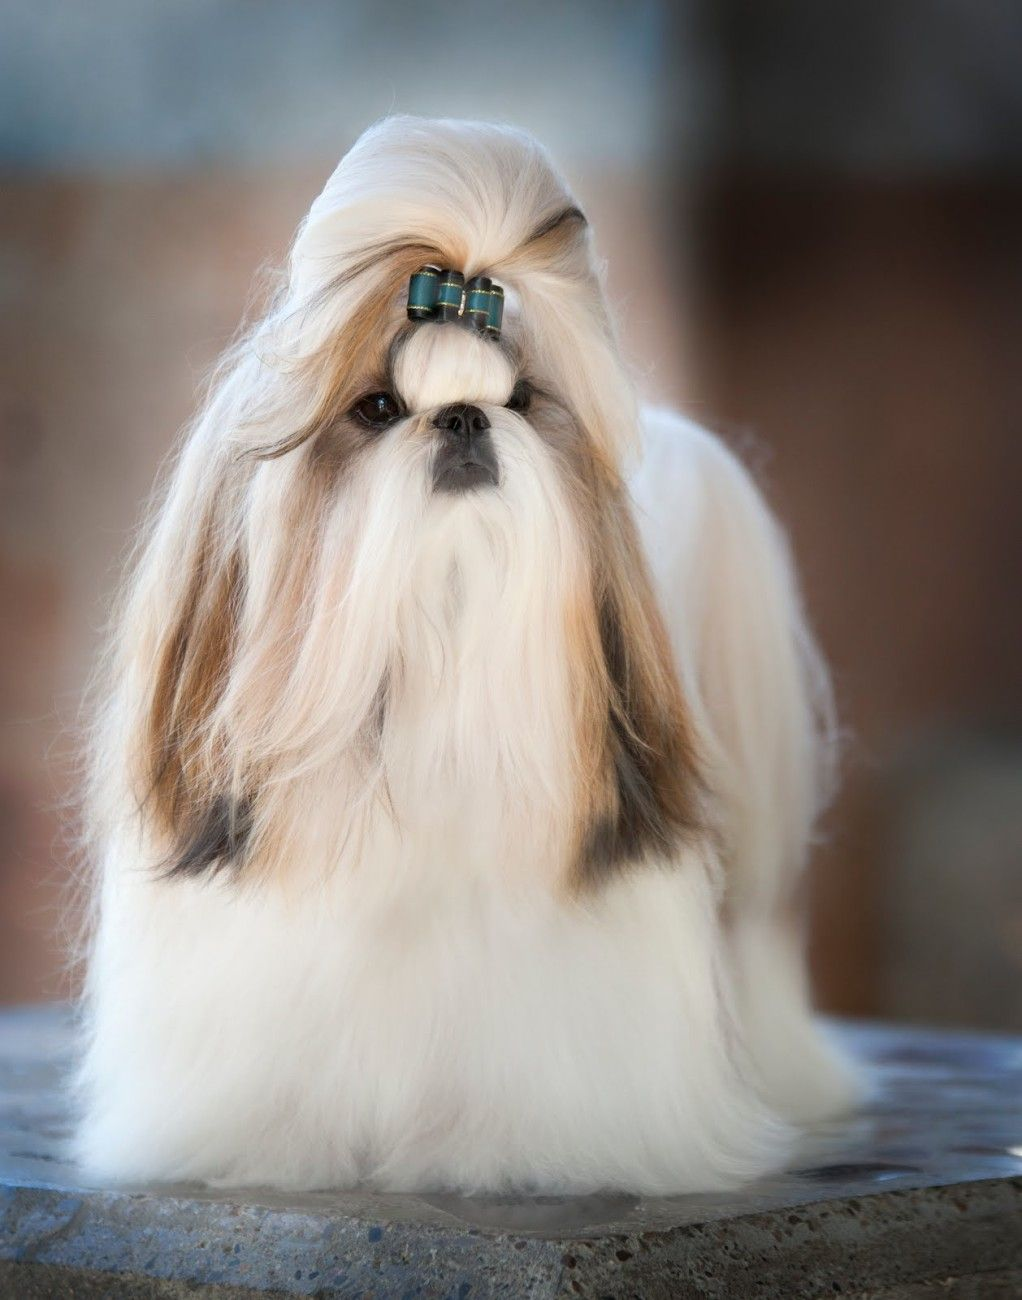 Pin De Verdan En For The Love Of Shih Tzus Perros Perros Mascotas Shih Tzu